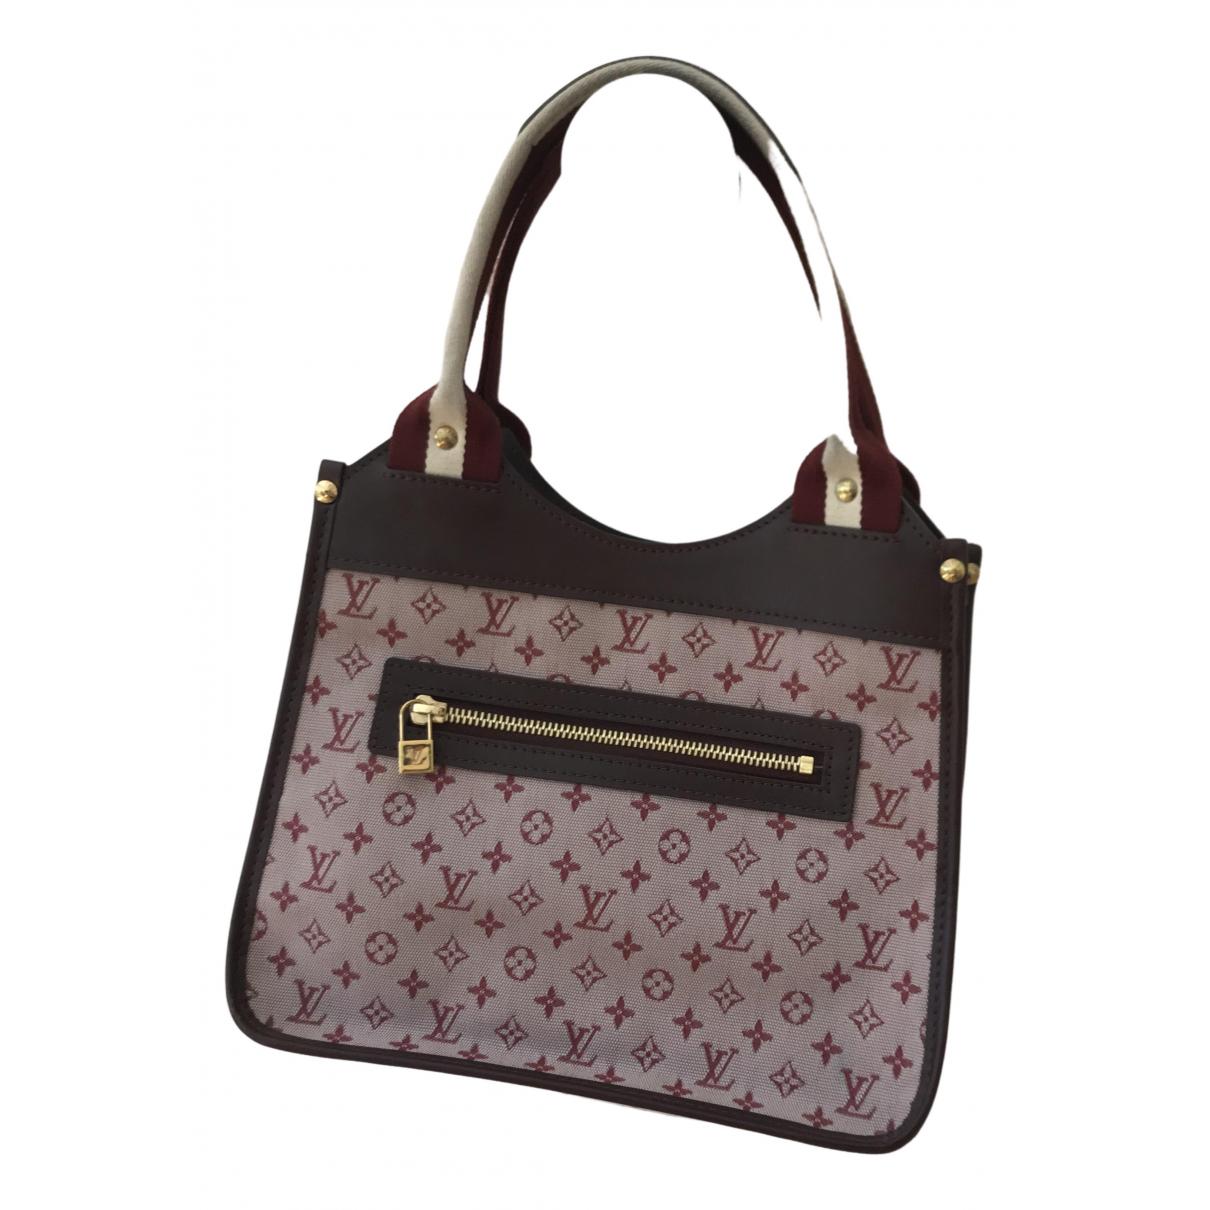 Louis Vuitton \N Burgundy Cloth handbag for Women \N